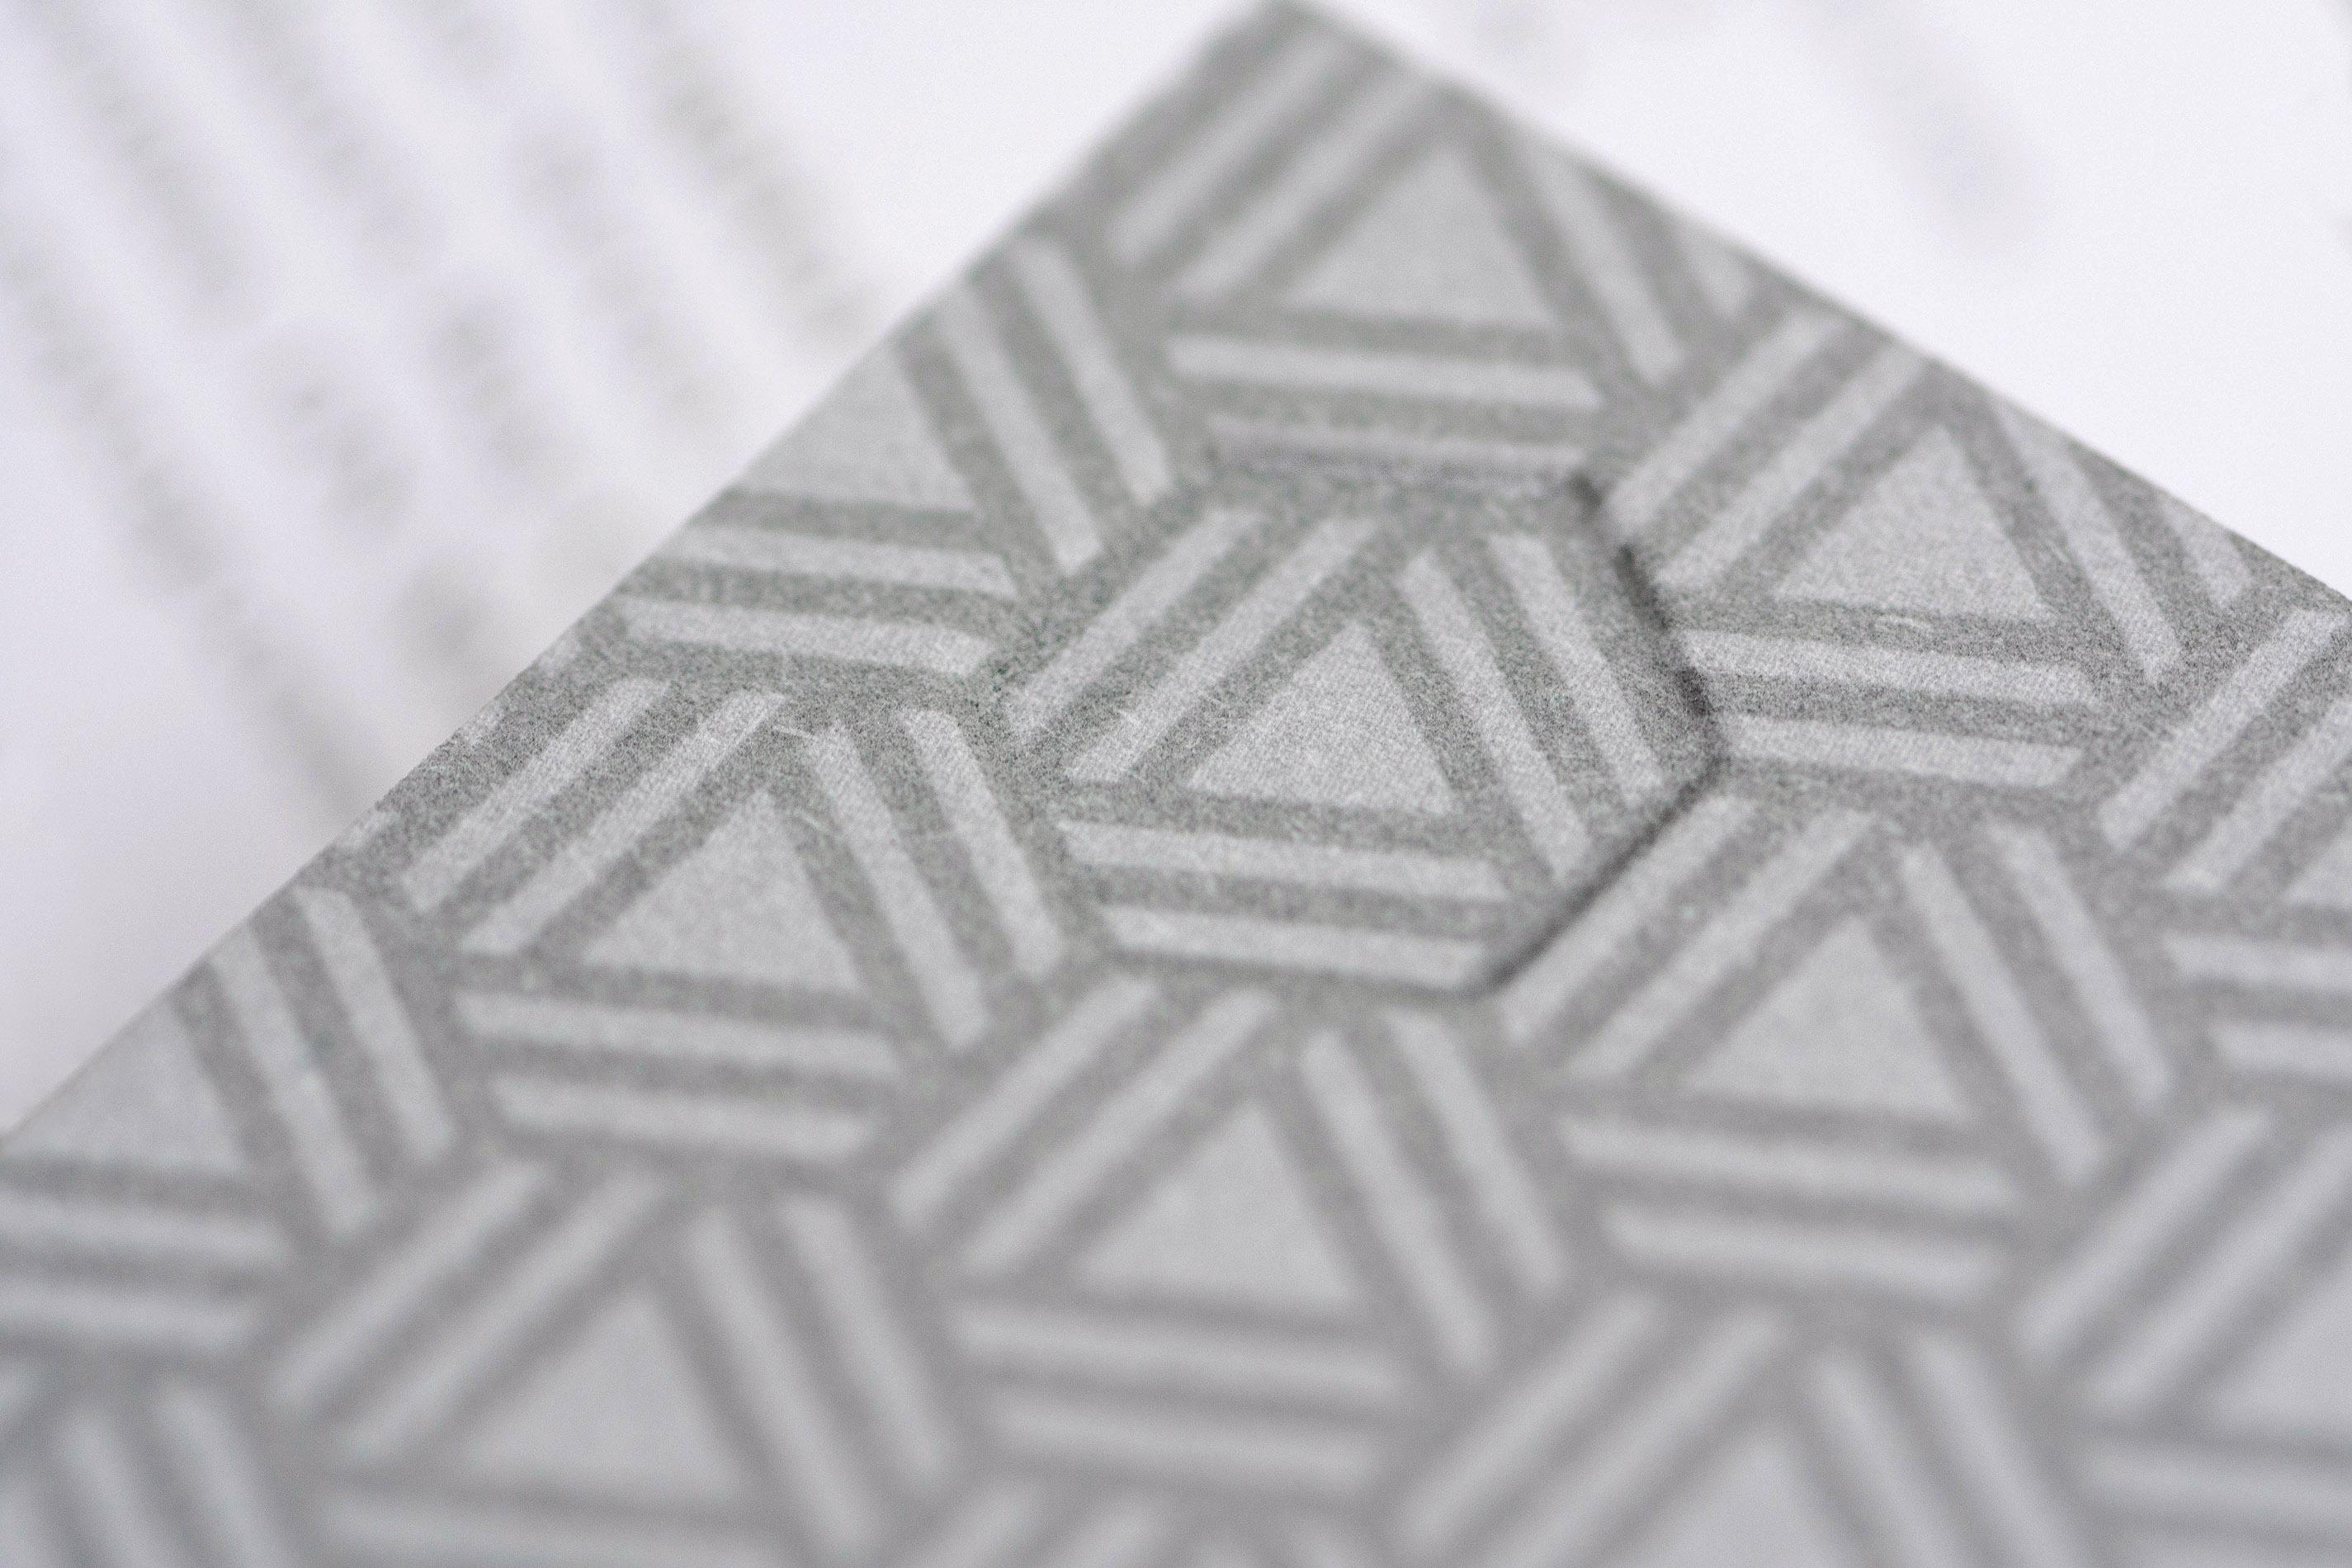 RoyCap_Foil_Detail_2